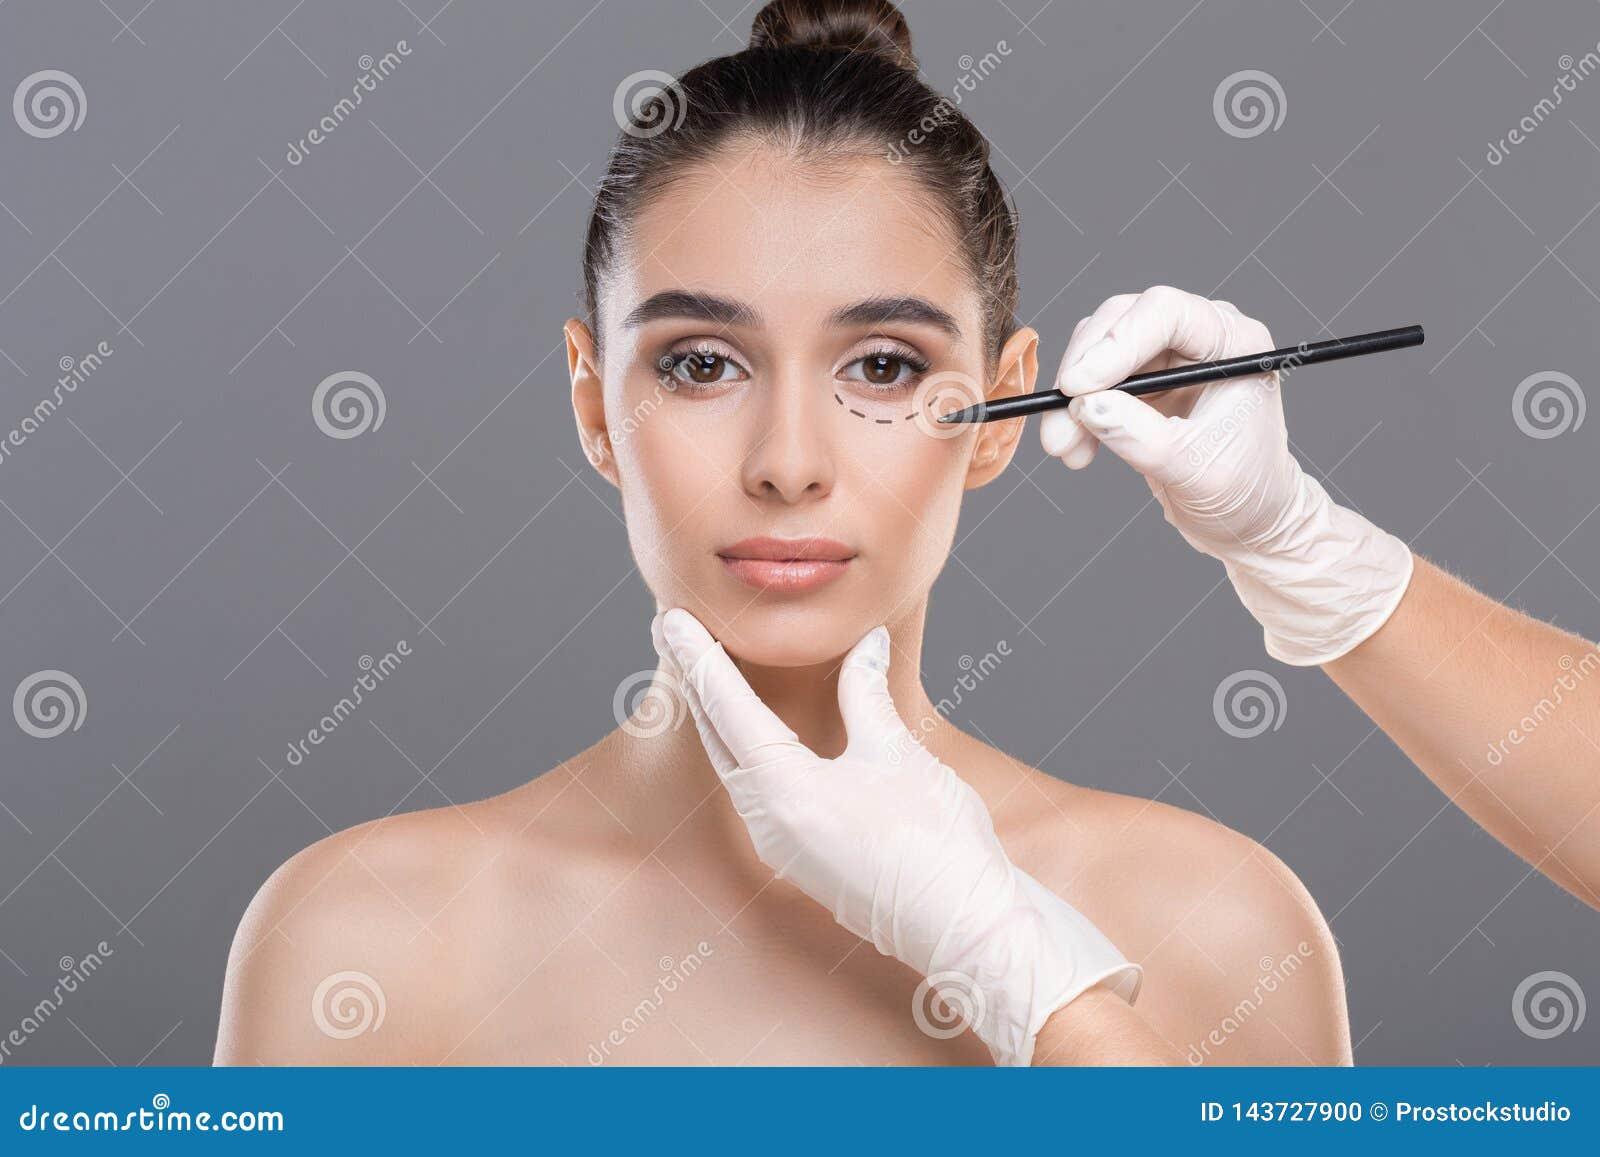 Doktorzeichnung markiert auf weiblichem Gesicht vor Verfahren